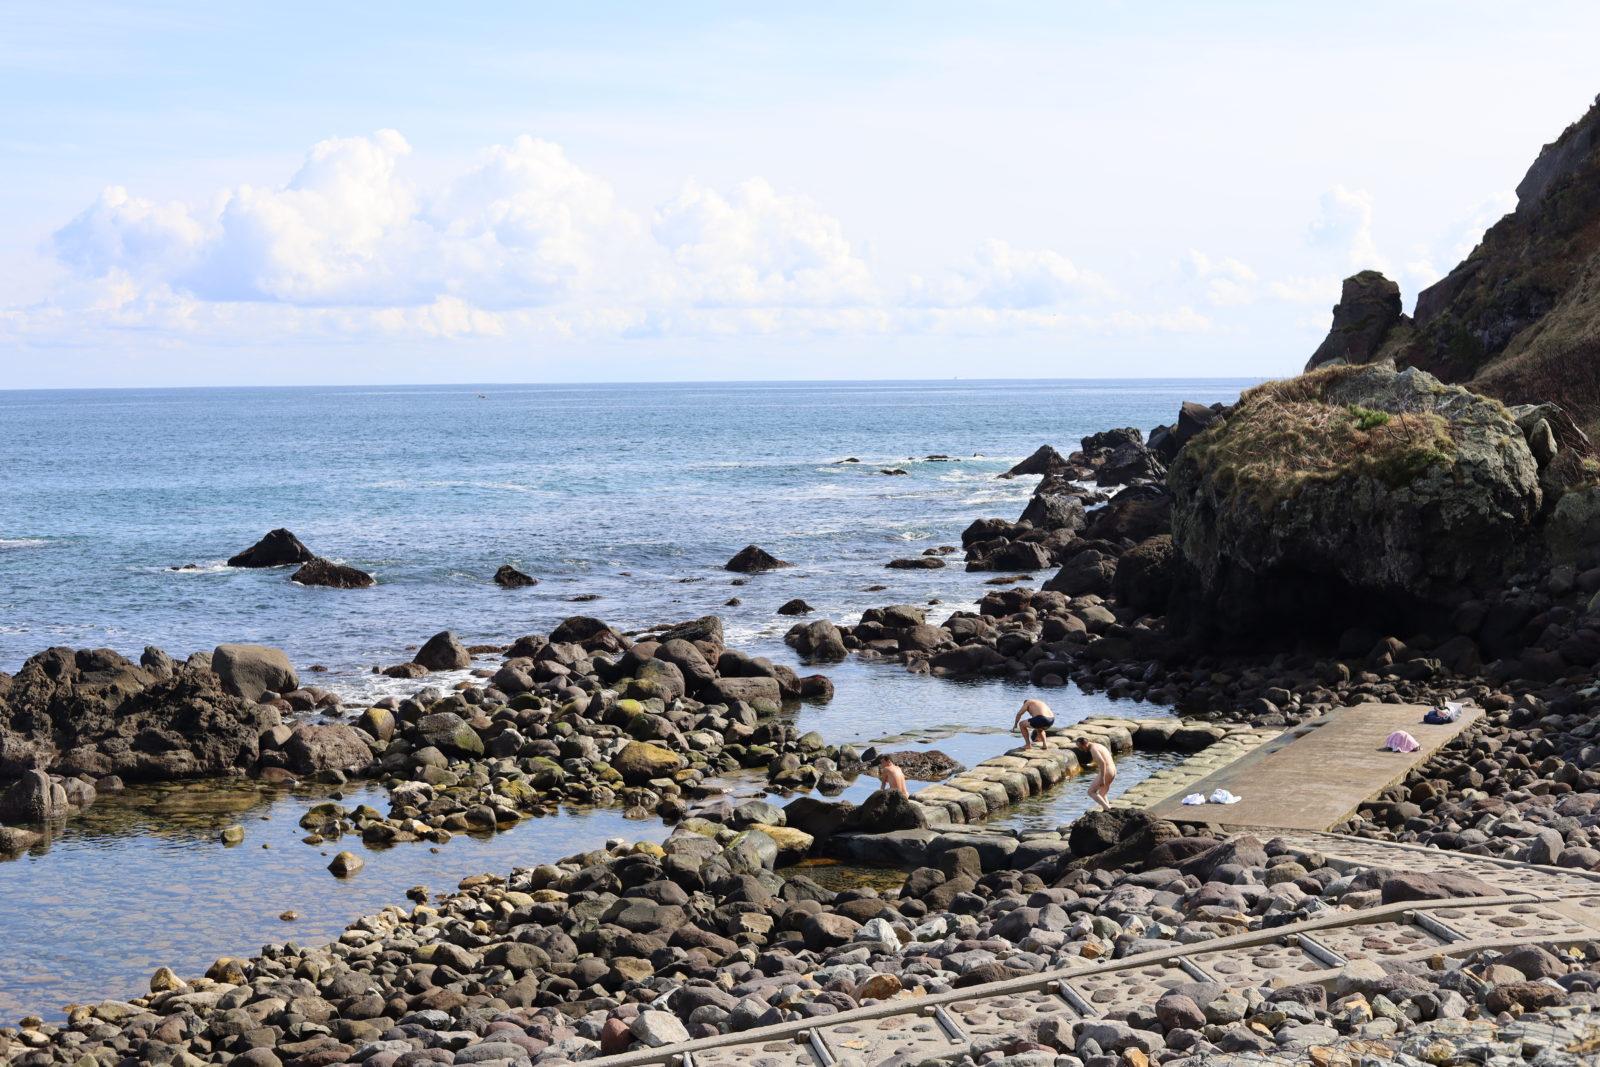 【秘湯】函館・水無海浜温泉の日帰り入浴のすすめと注意点